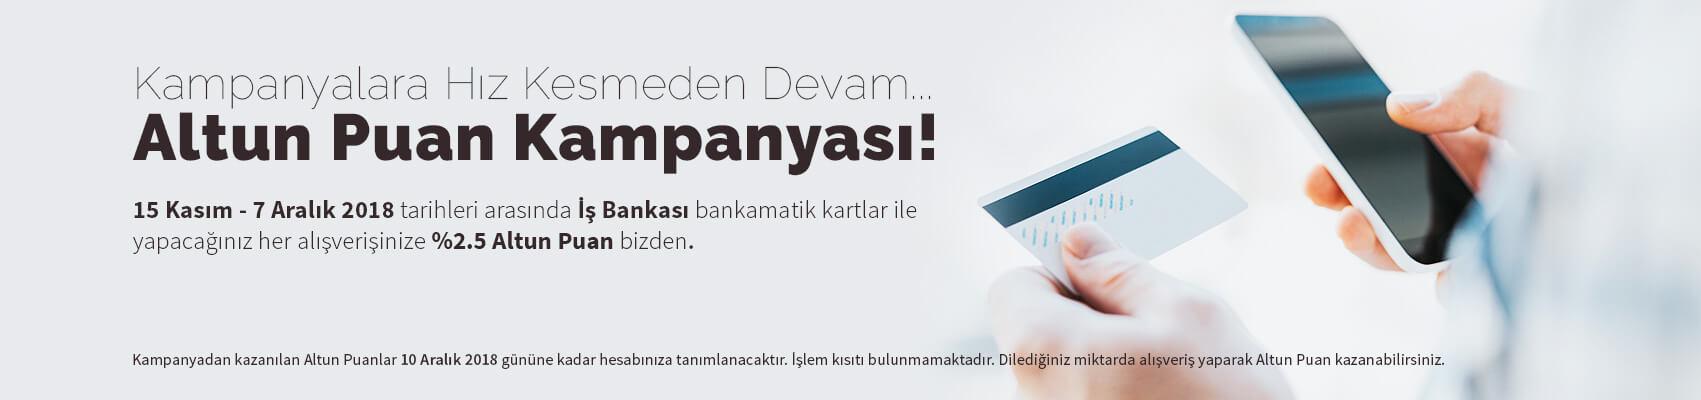 altungold iş bankası kampanyaları